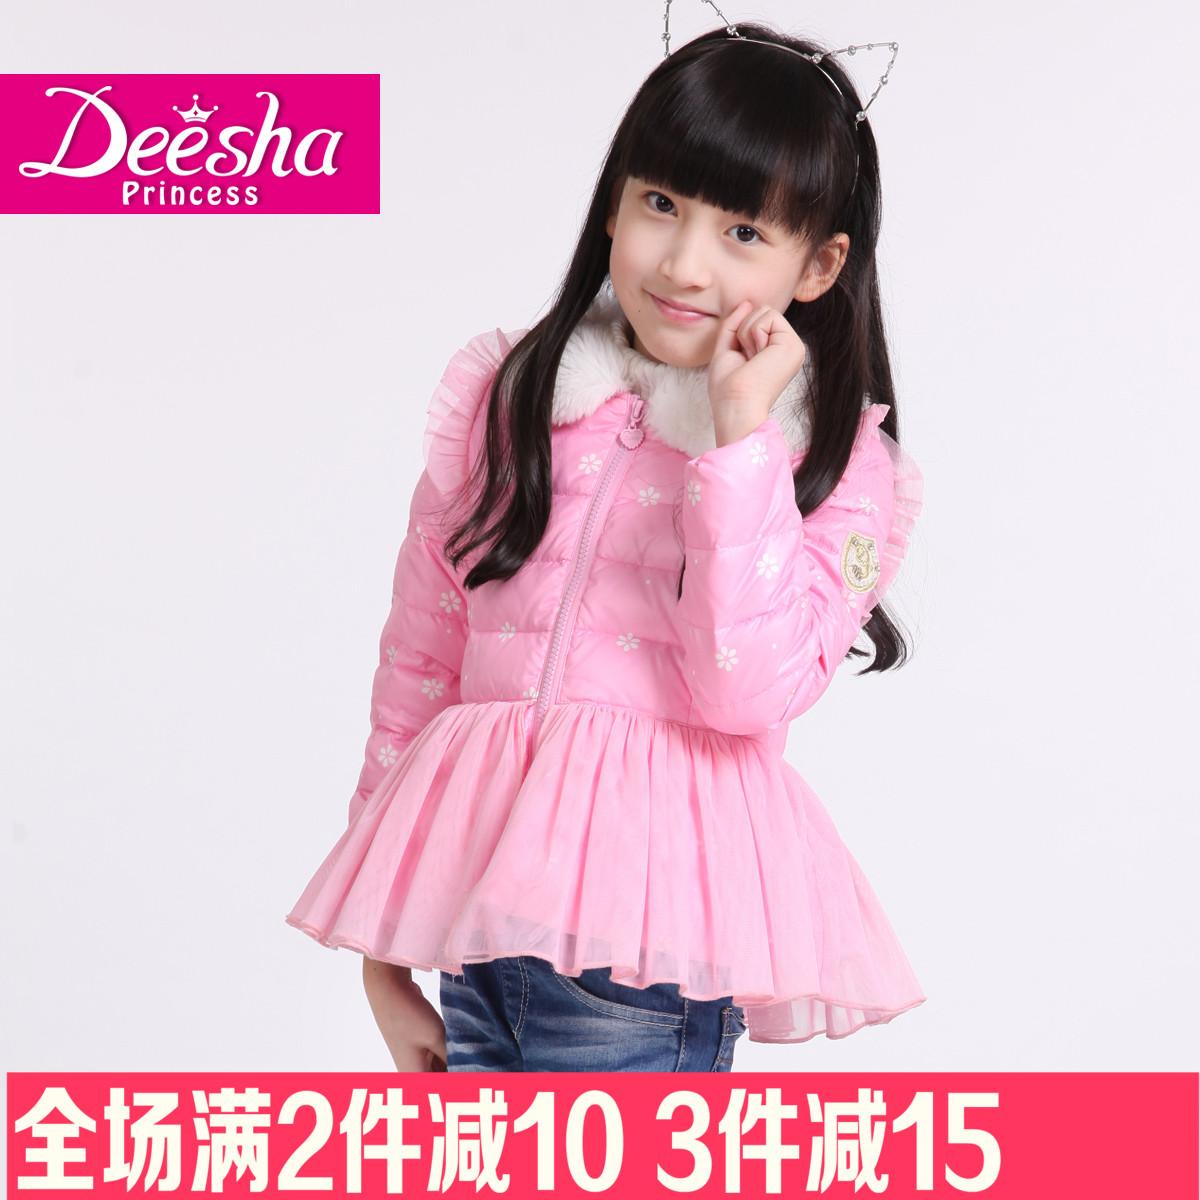 2015新款韩国康衣儿正品蝴蝶结公主裙摆女童中长款厚羽绒服1510